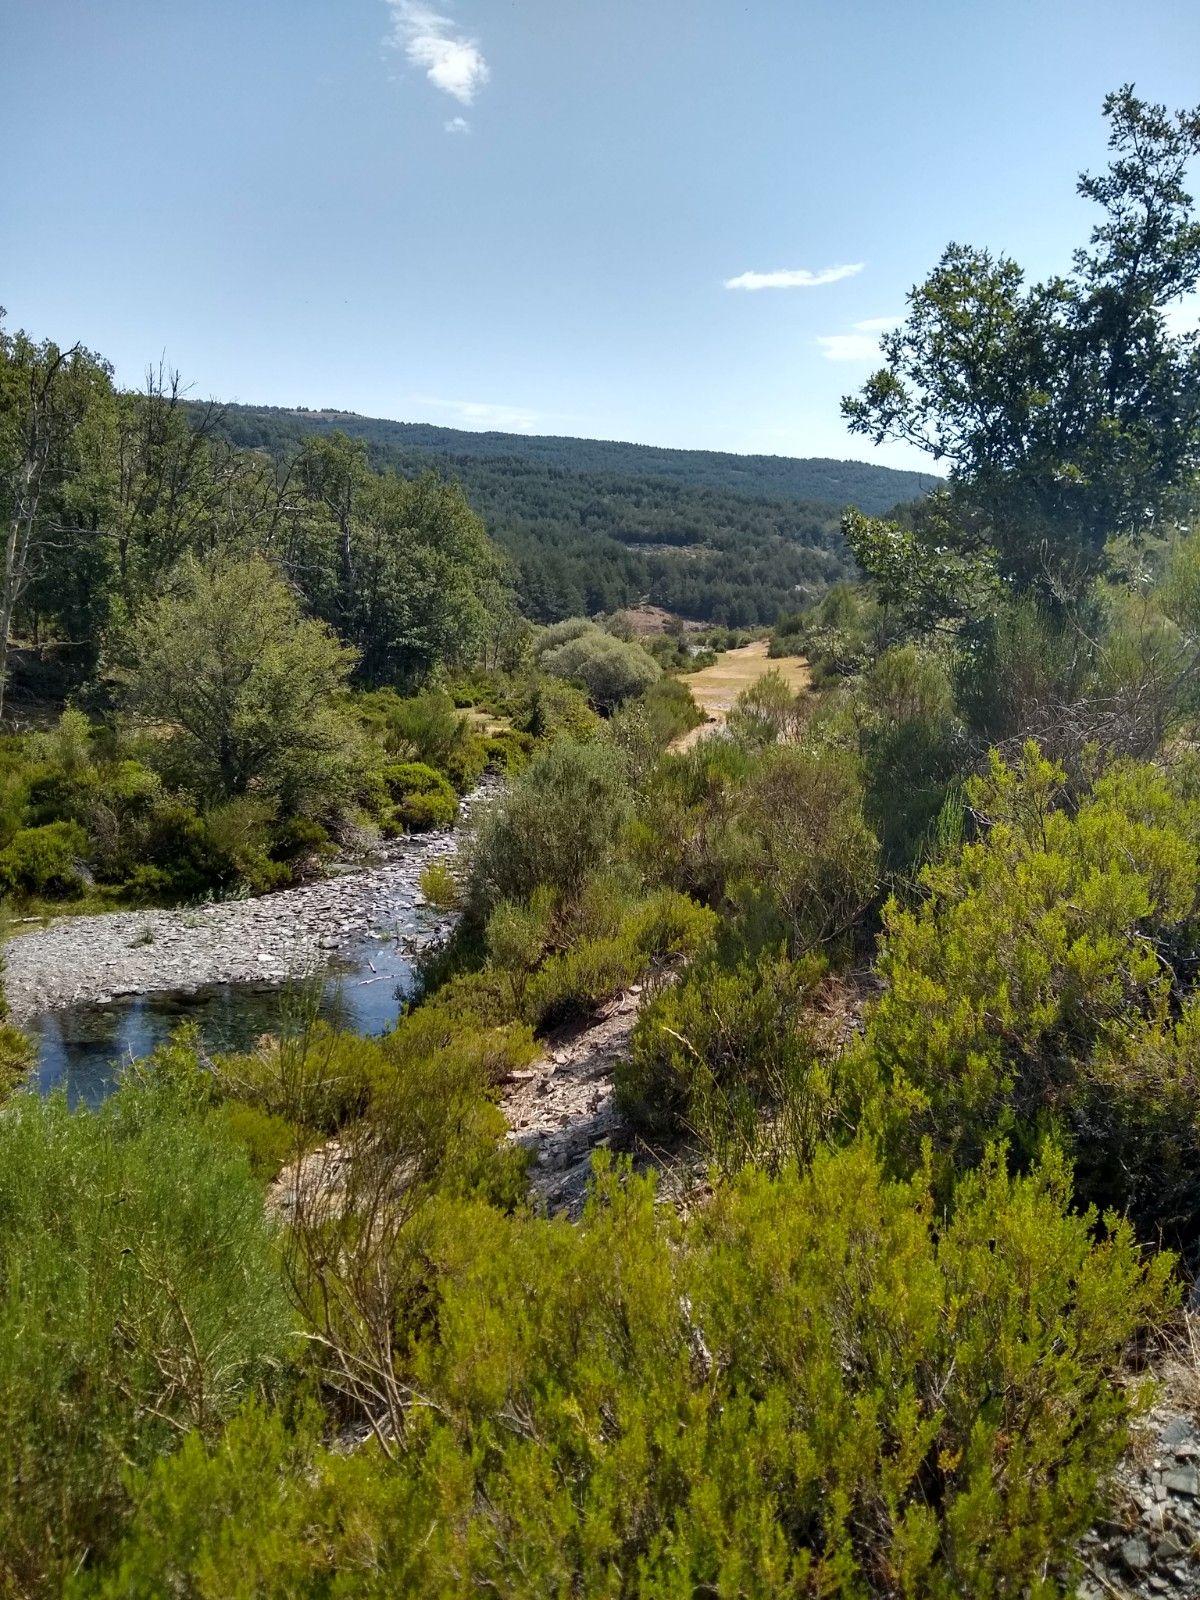 Podemos ver el río, con su pradera al fondo y cómo aumentan los matorrales y arbustos según nos alejamos de él.